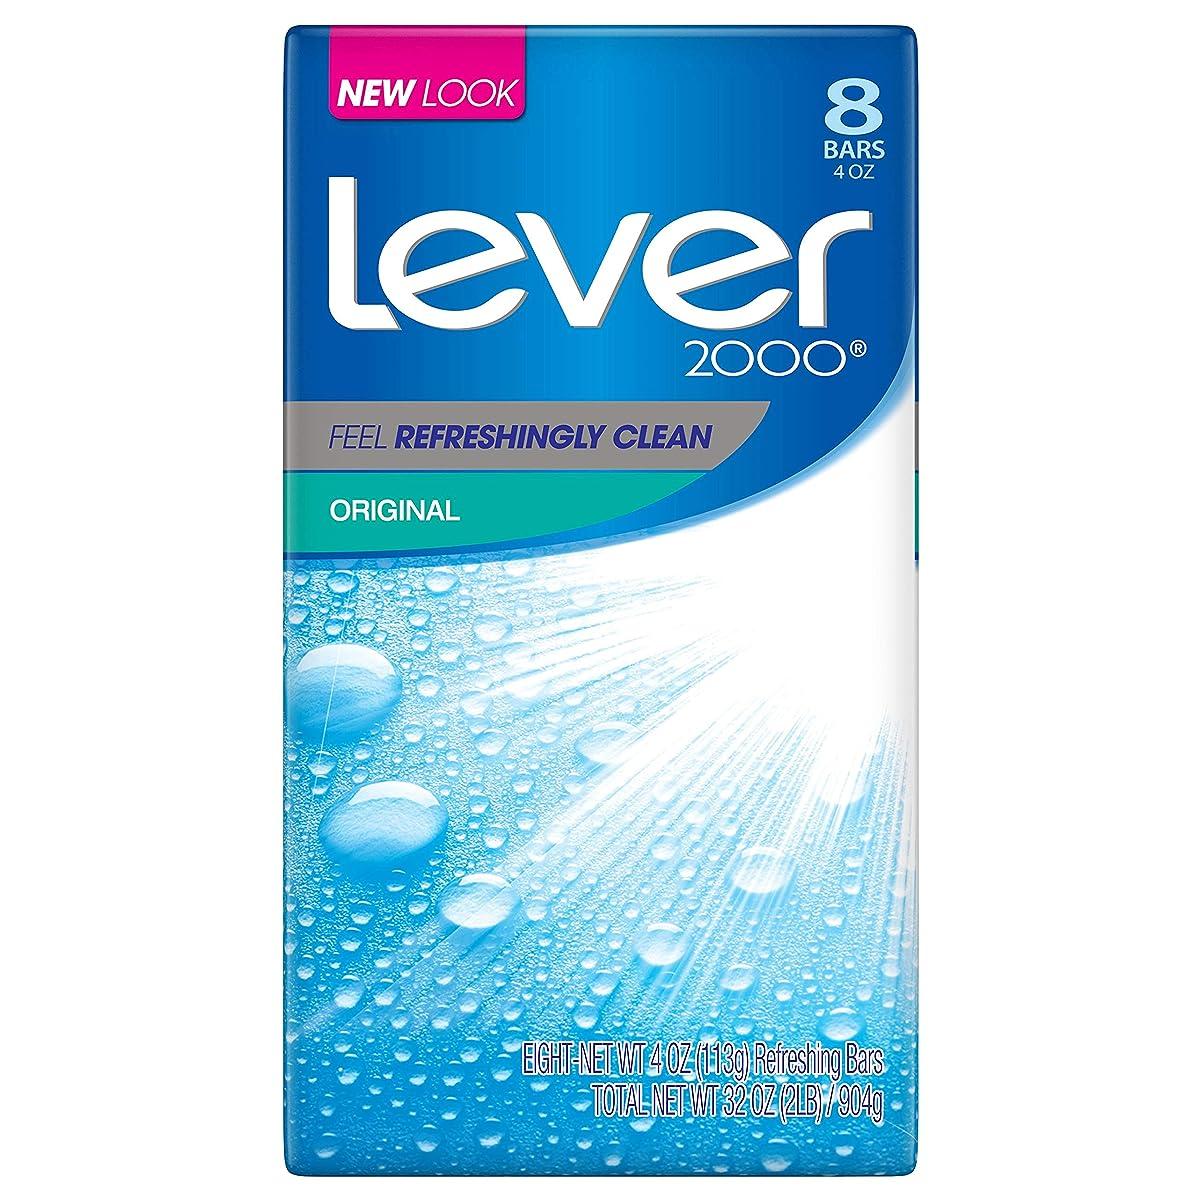 繁殖クルー見つけたLever 2000 石鹸、オリジナル4オズ、8バー